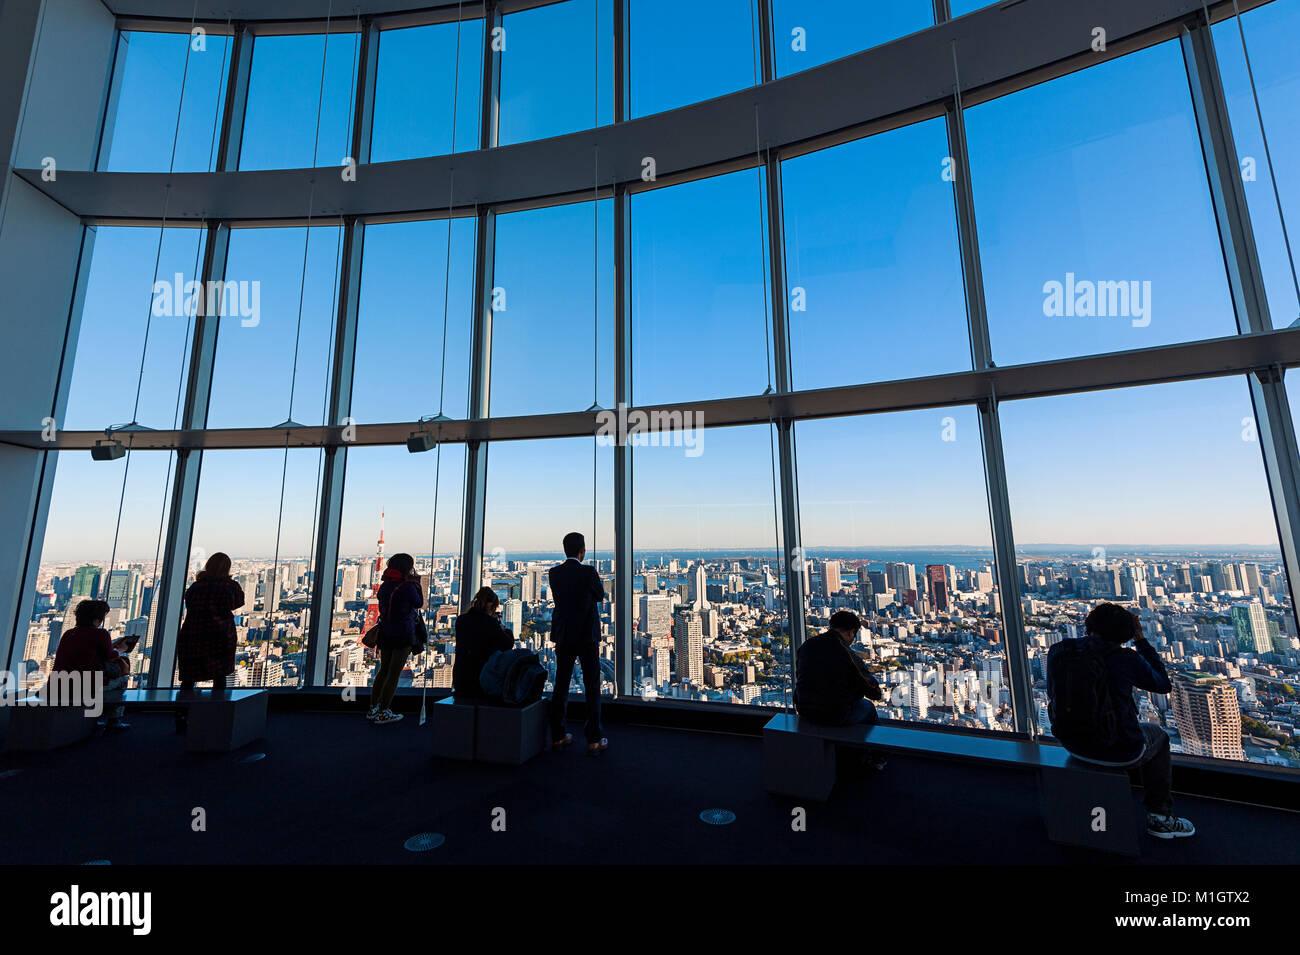 Roppongi Hills Mori Tower Tokyo City View Photo Stock